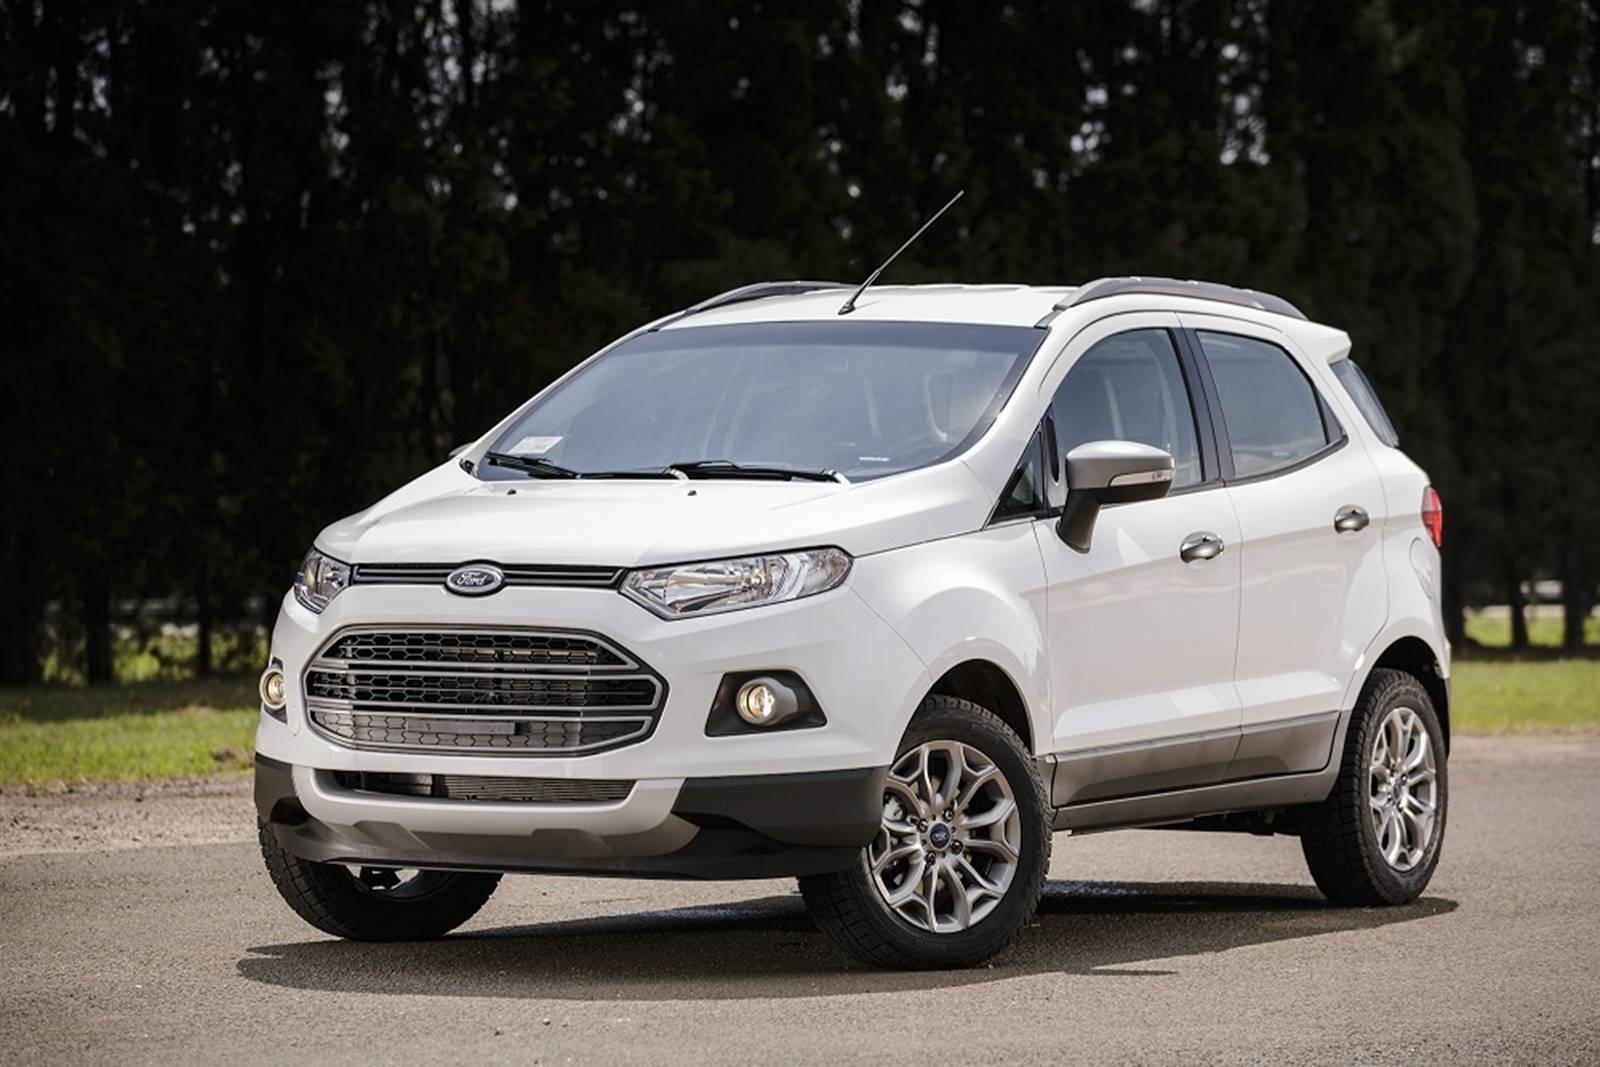 Вглобальной web-сети появились новые фотографии улучшенного Форд Ecosport